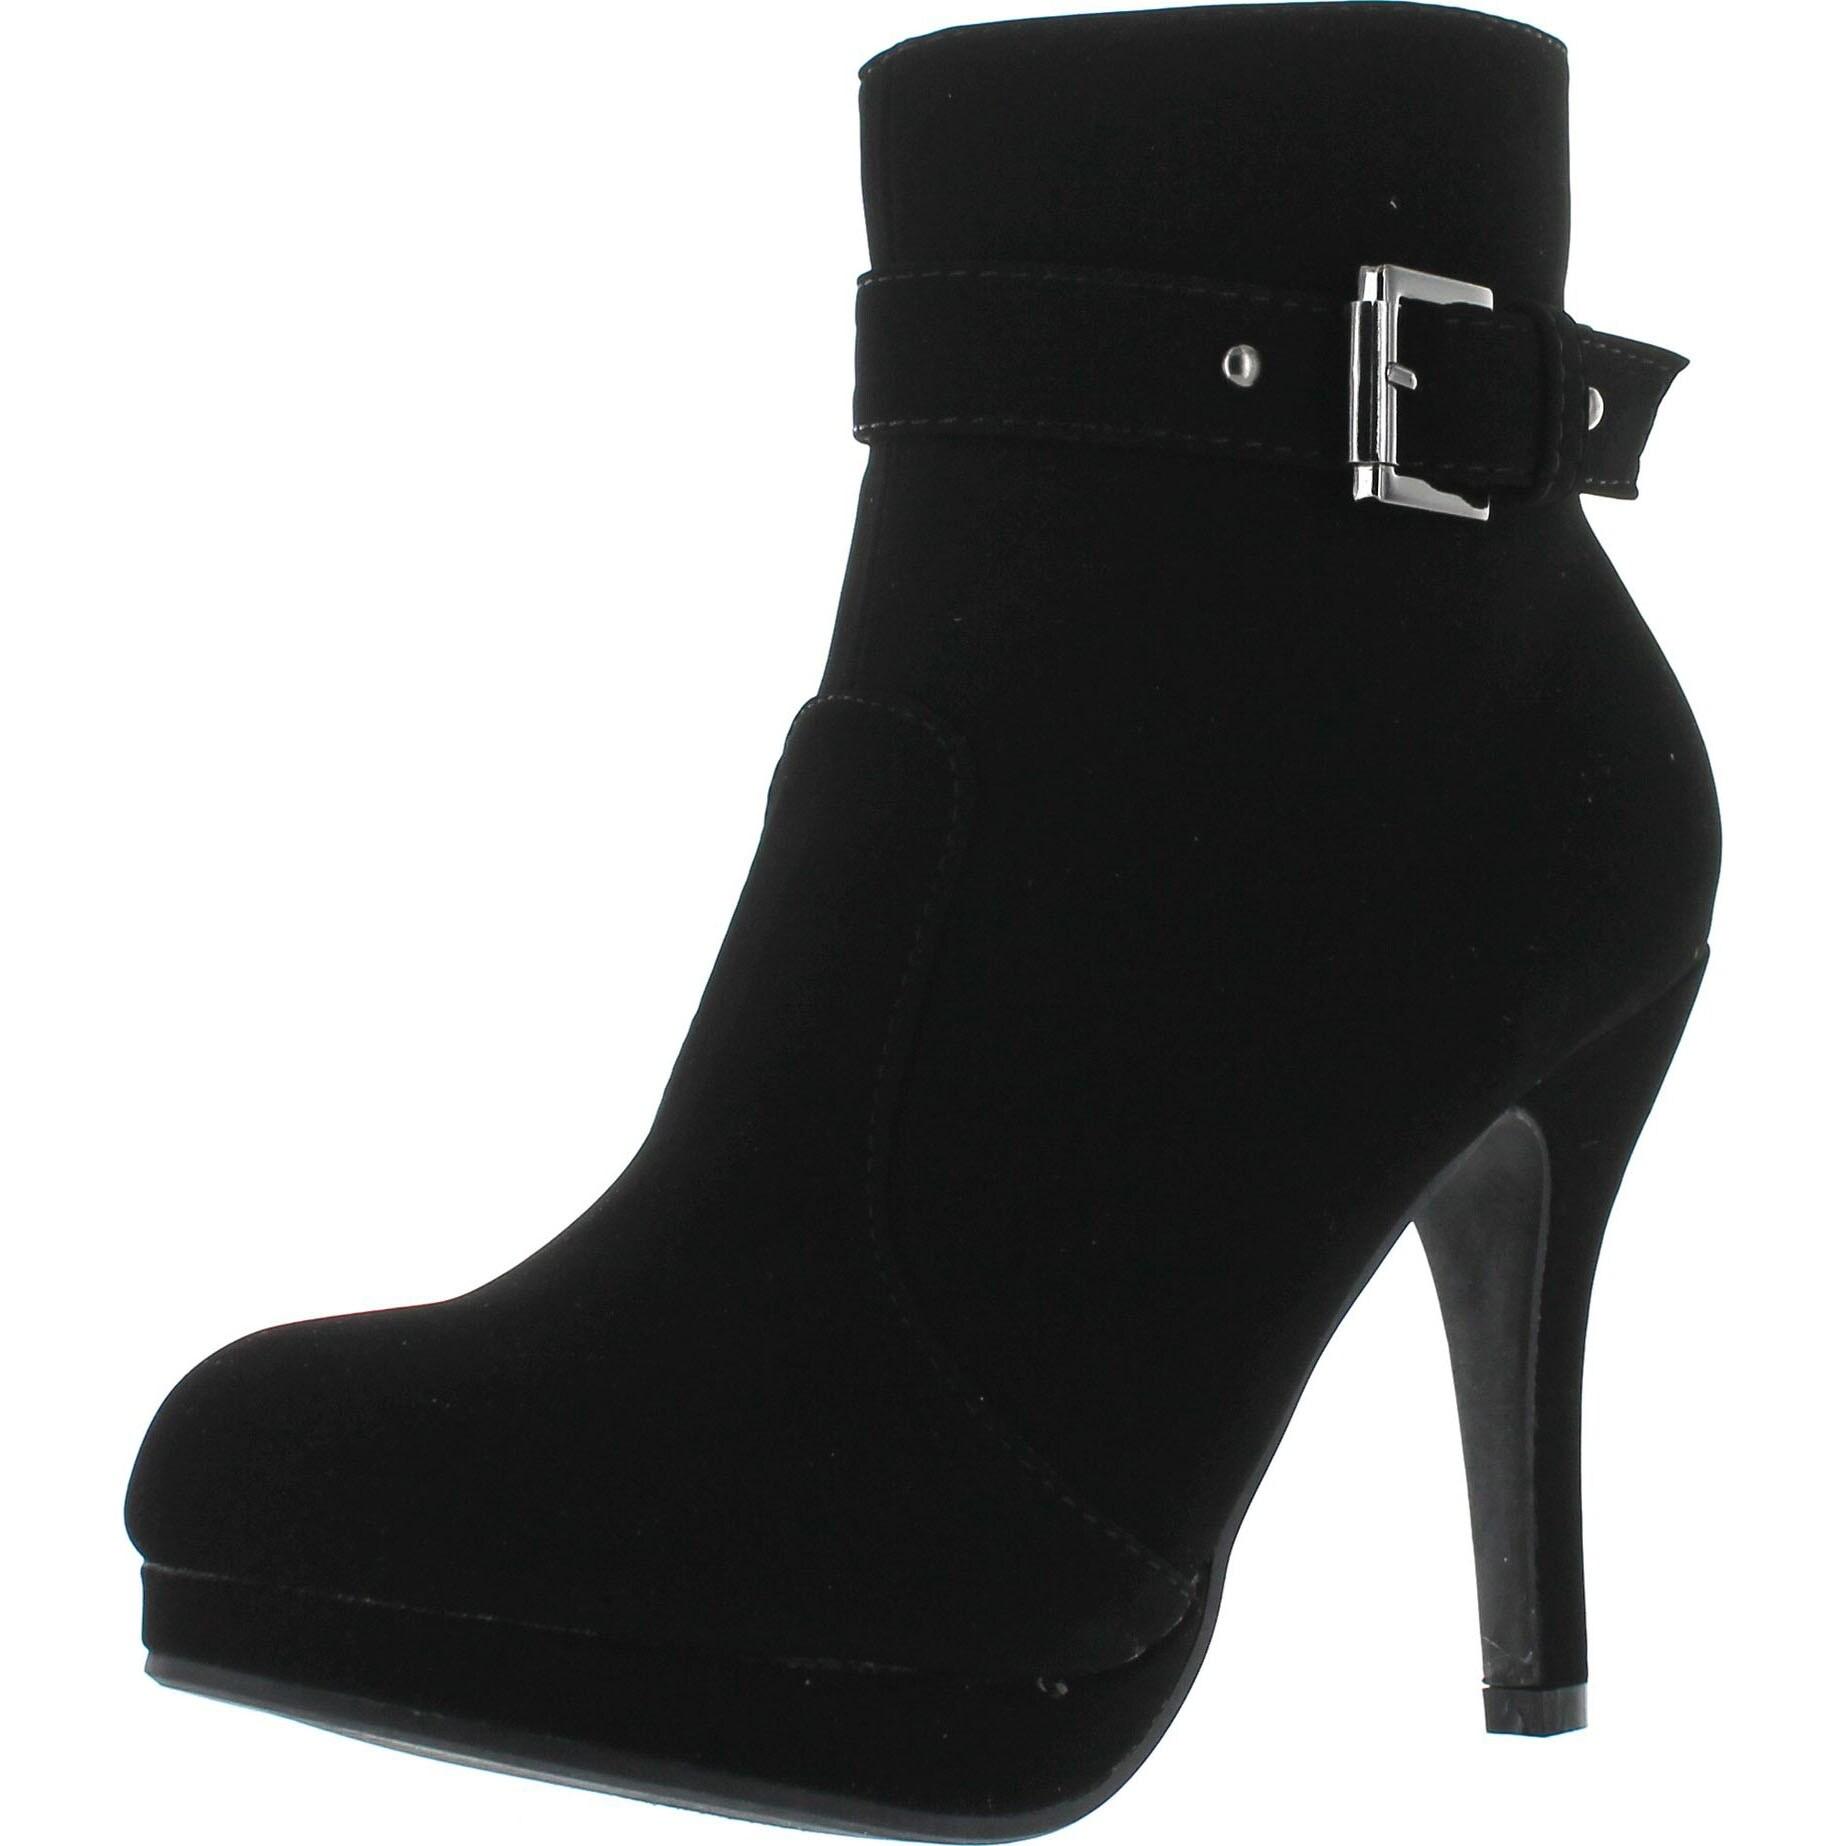 868c8d89984d23 Buy Top Moda Women s Boots Online at Overstock